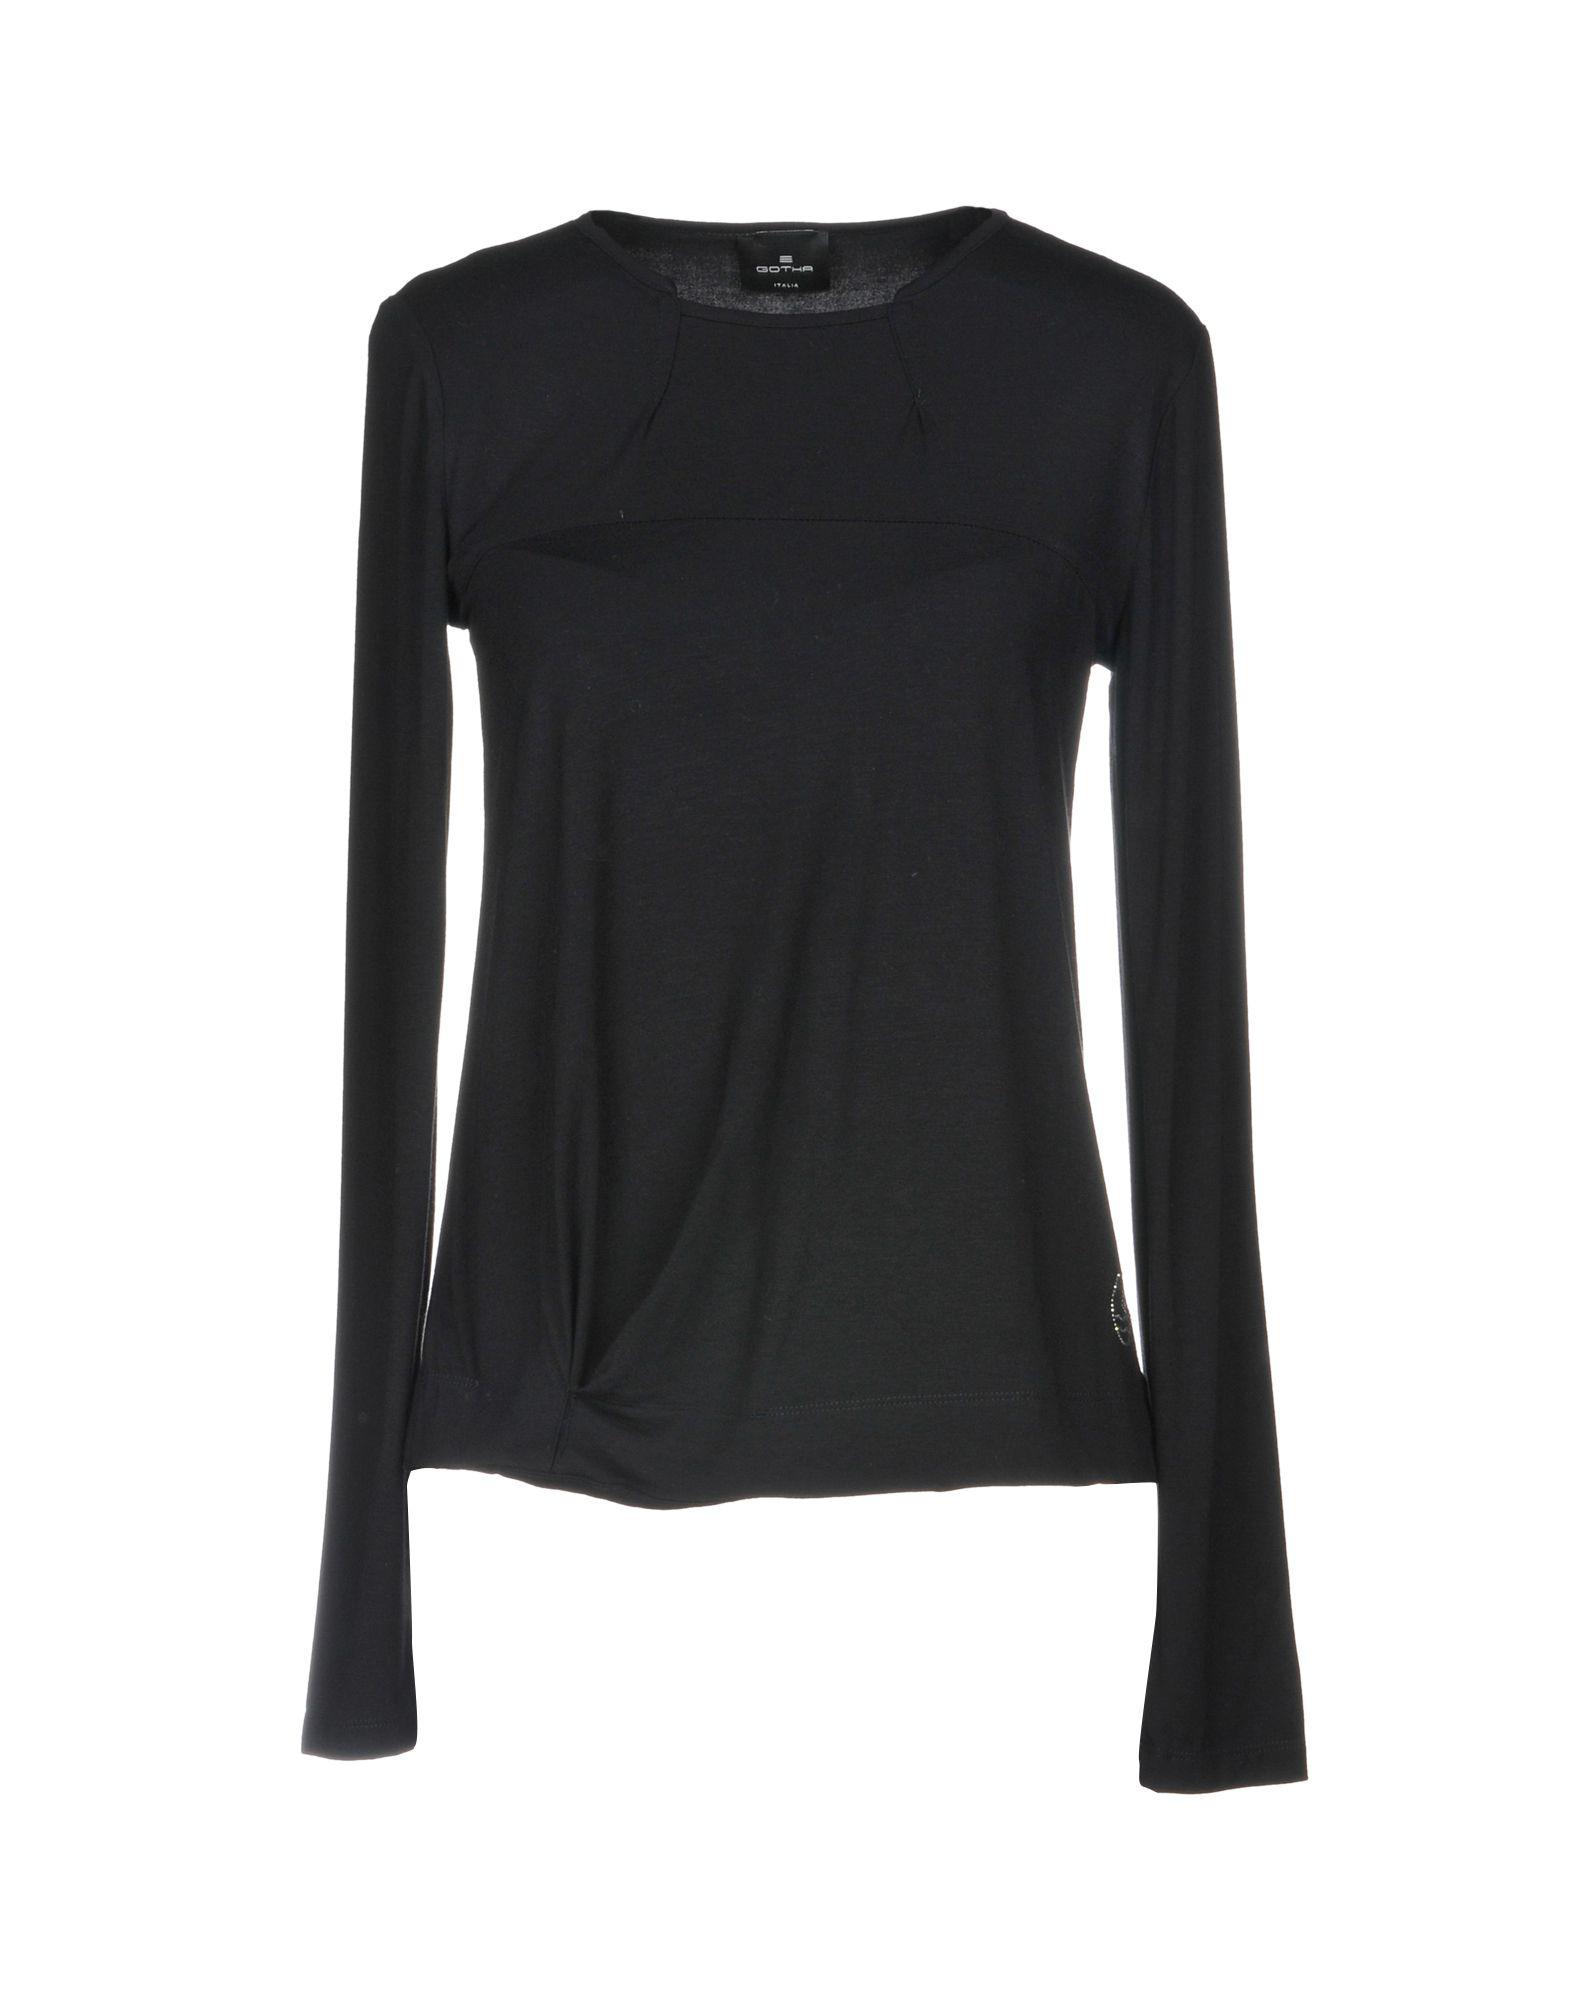 GOTHA T-Shirt in Black